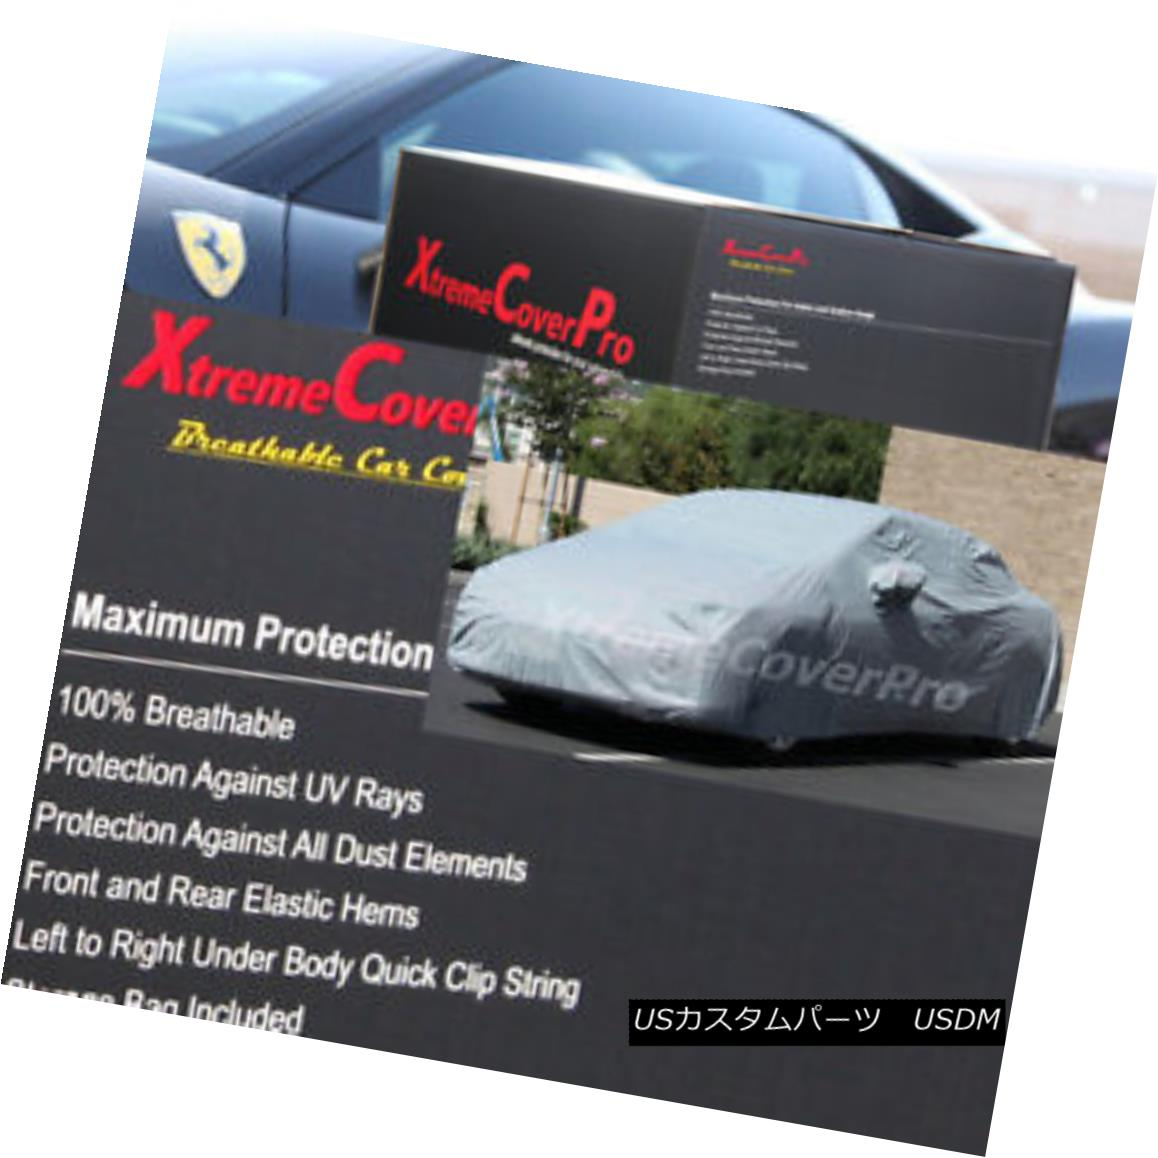 カーカバー 1994 1995 1996 1997 Honda Accord Coupe Breathable Car Cover w/MirrorPocket 1994年1995年1996年1997年ホンダアコードクーペ通気性車カバー付き(MirrorPocket)